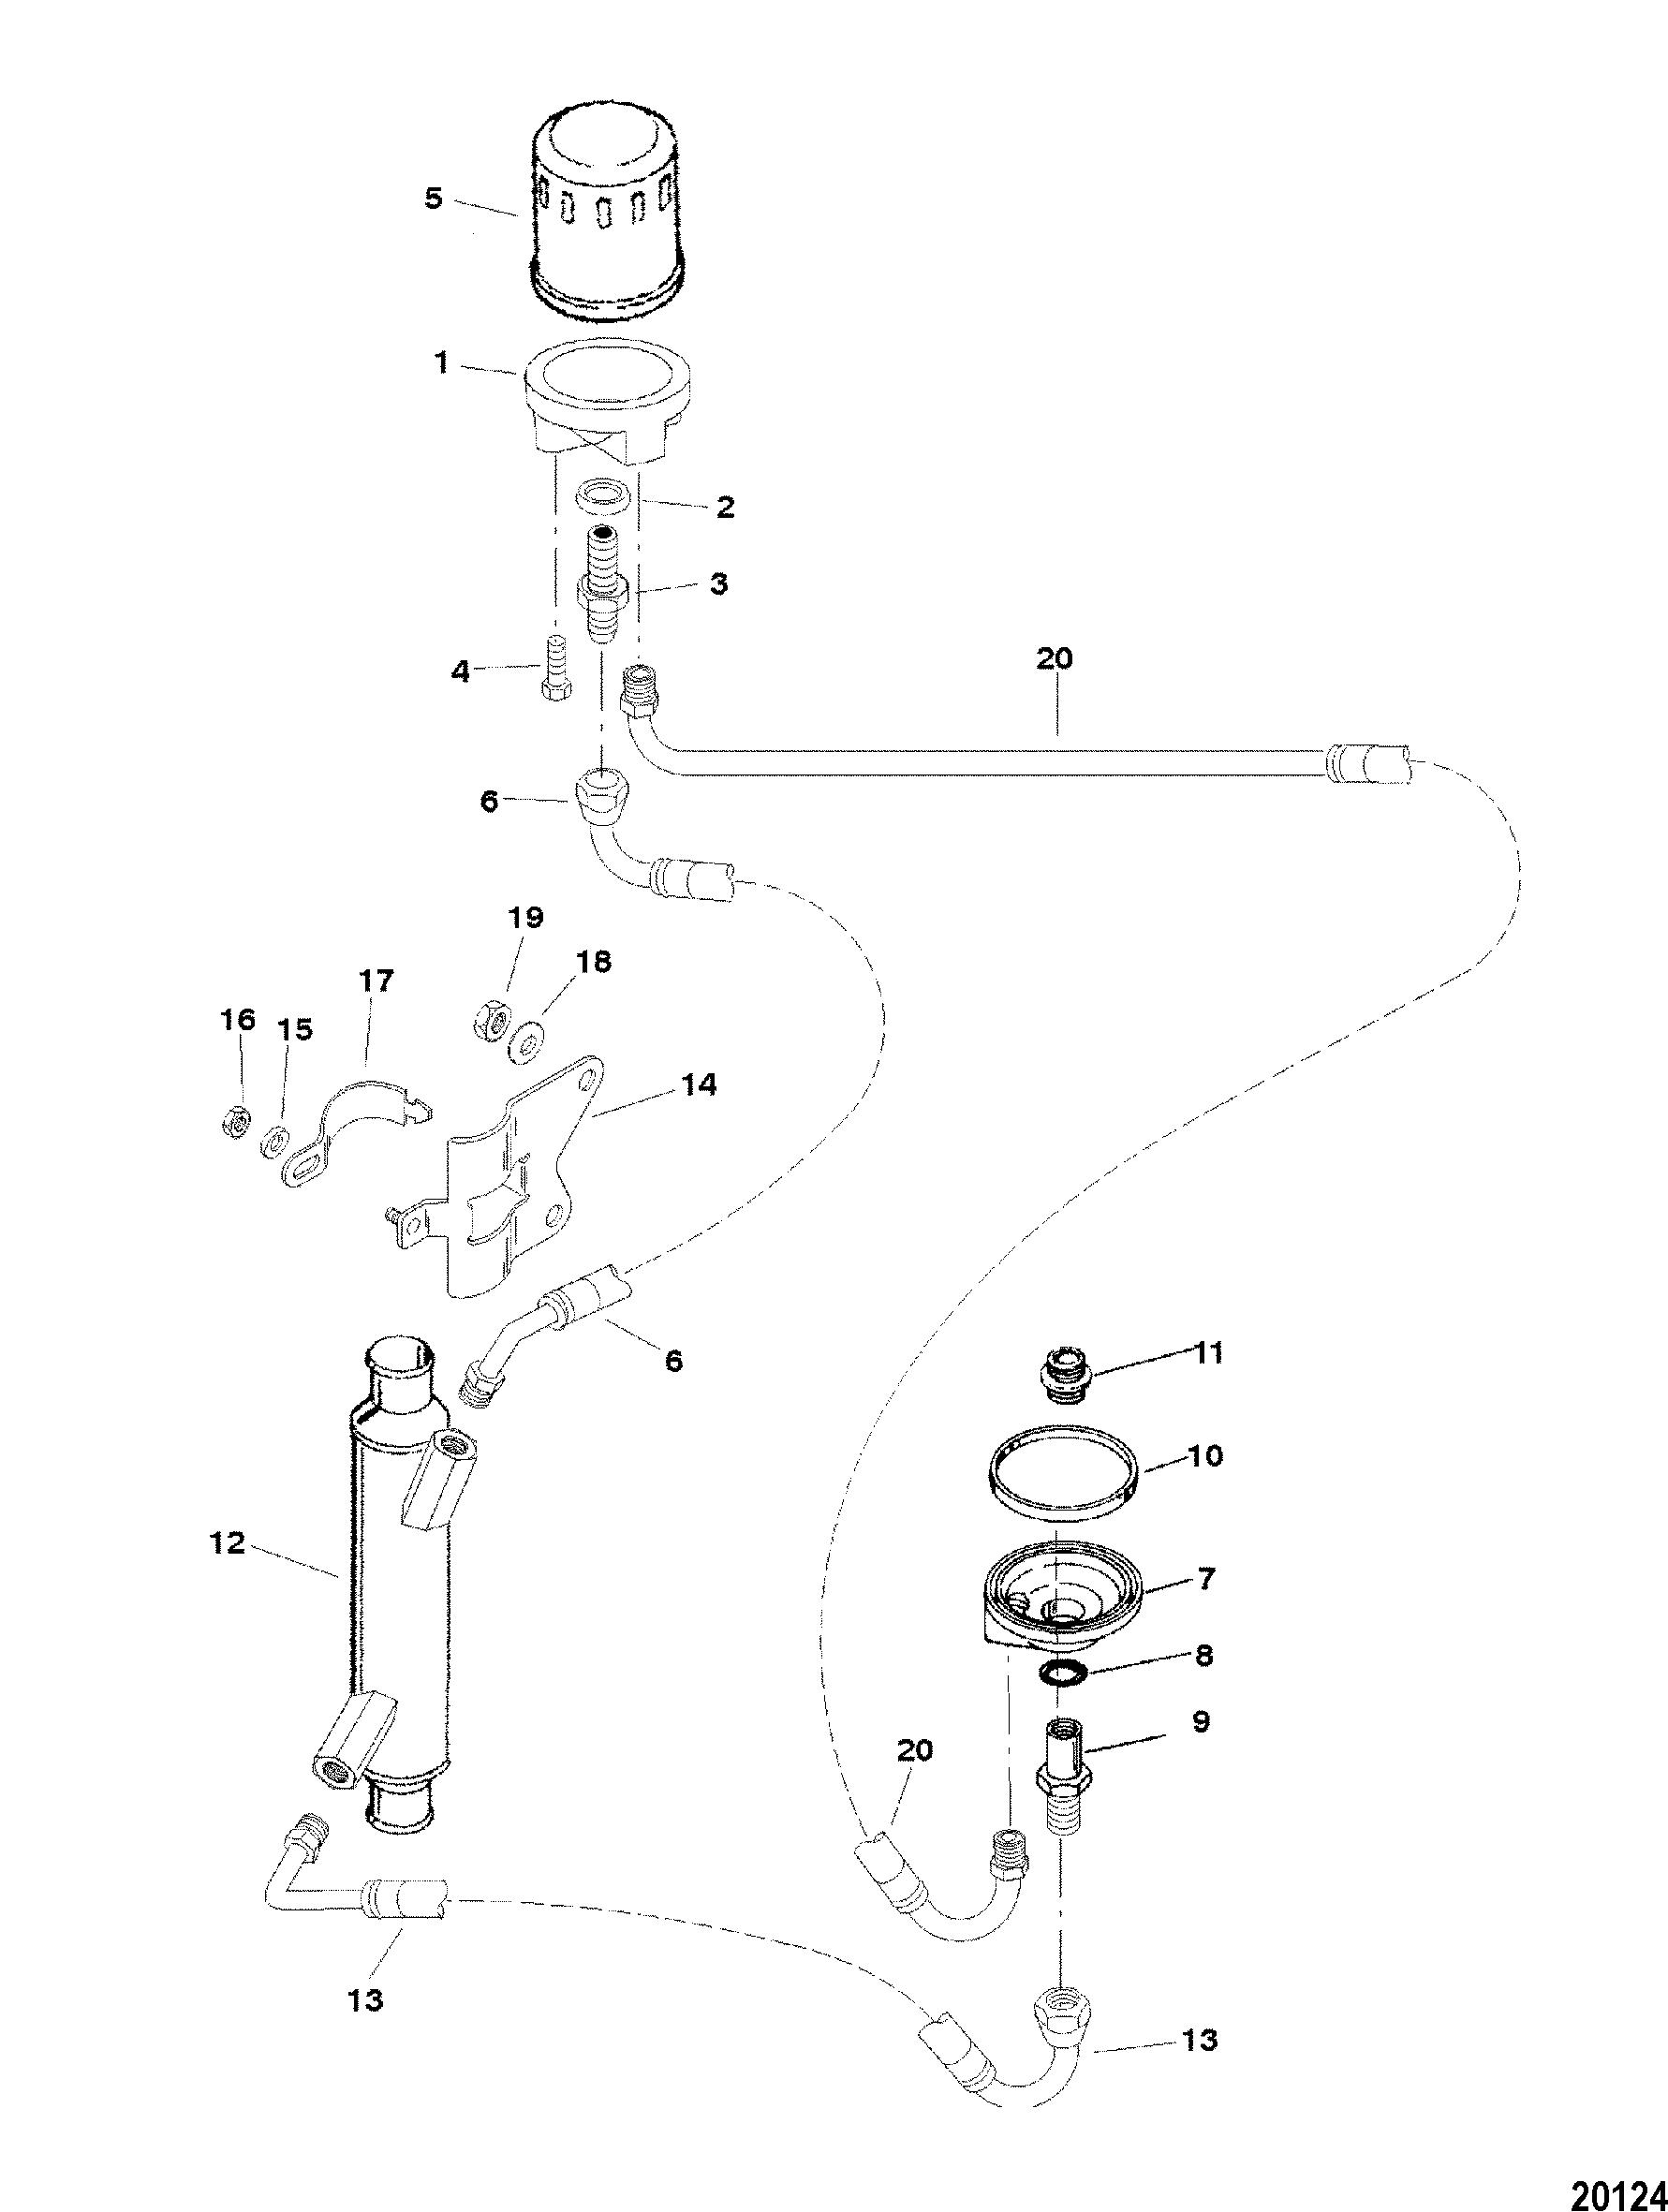 Oil Filter And Adaptor For Mercruiser 7 4l Mpi Bravo L29 Gen Vi